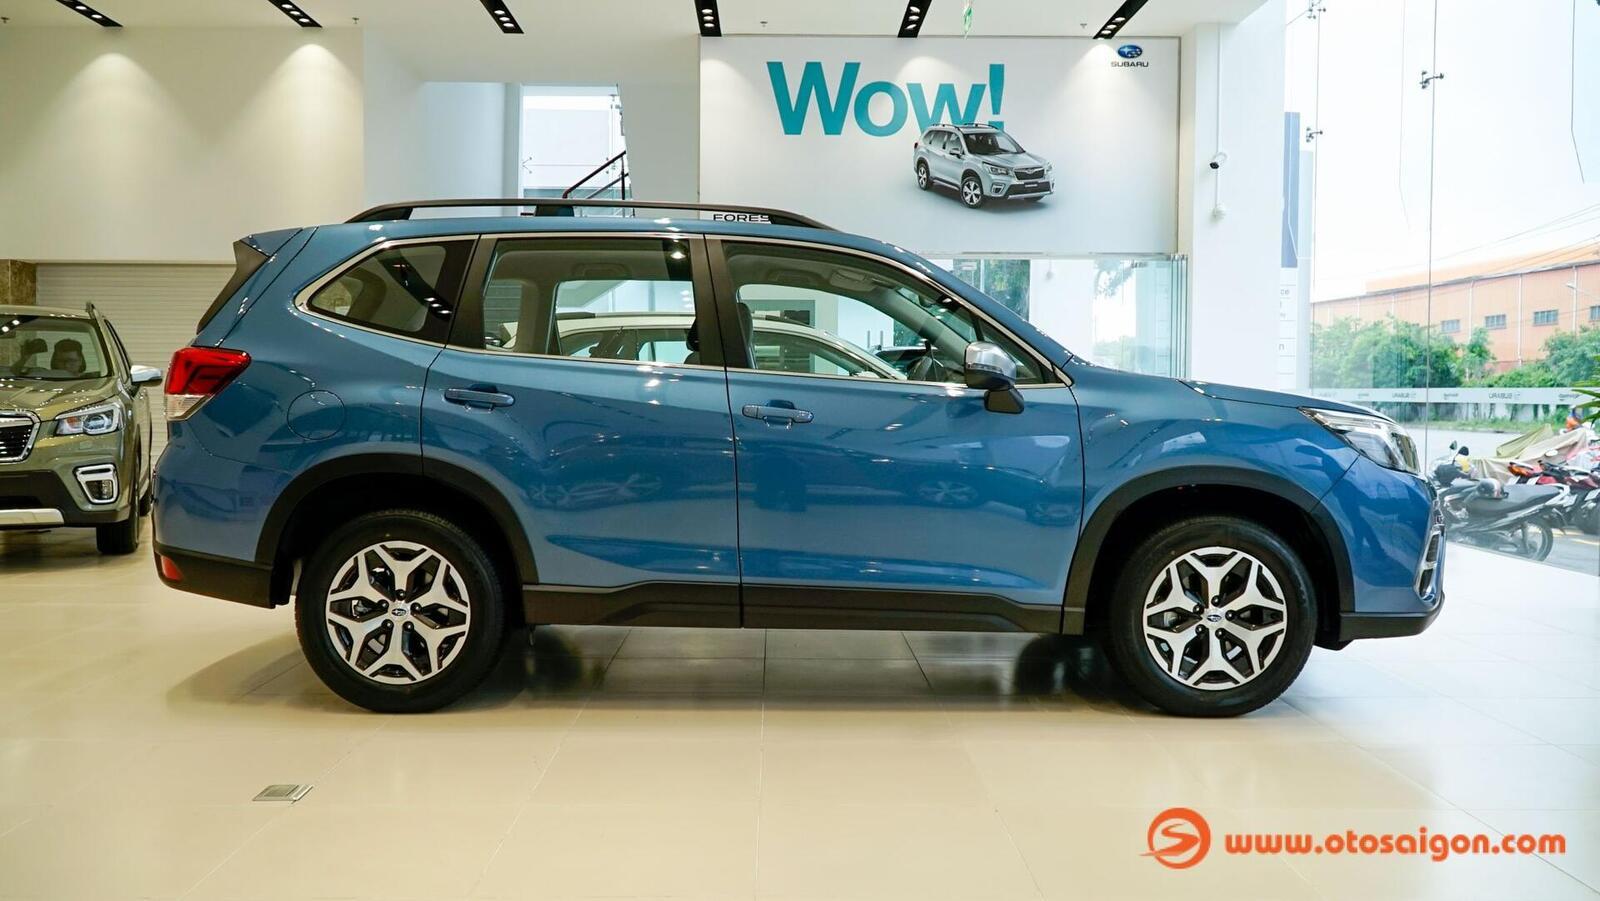 Đánh giá nhanh Subaru Forester thế hệ mới và sự khác biệt giữa hai phiên bản - Hình 21